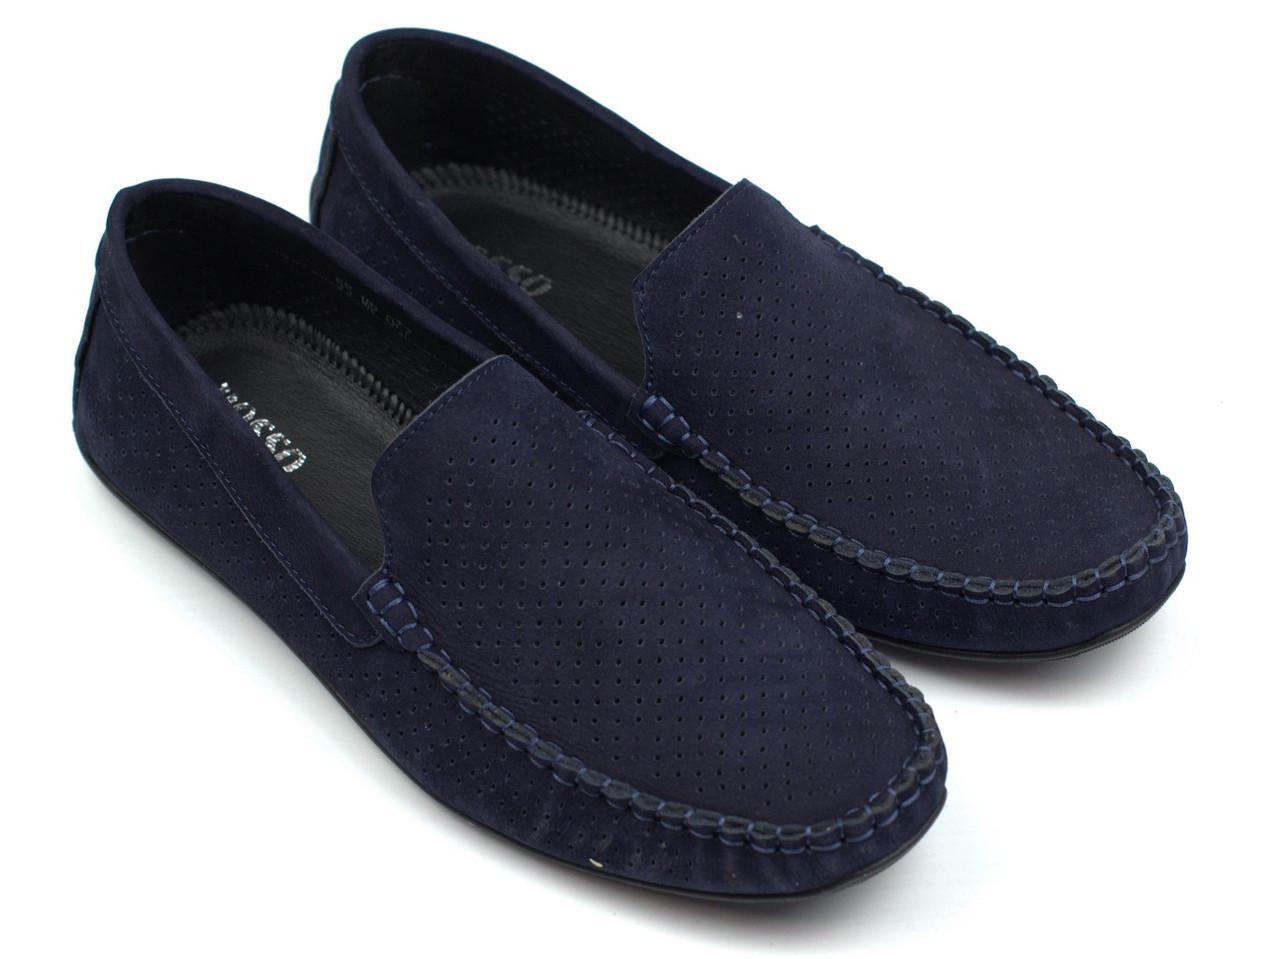 Чоловічі мокасини сині нубук перфорація літнє взуття Rosso Avangard M4 Perf Blu Sea